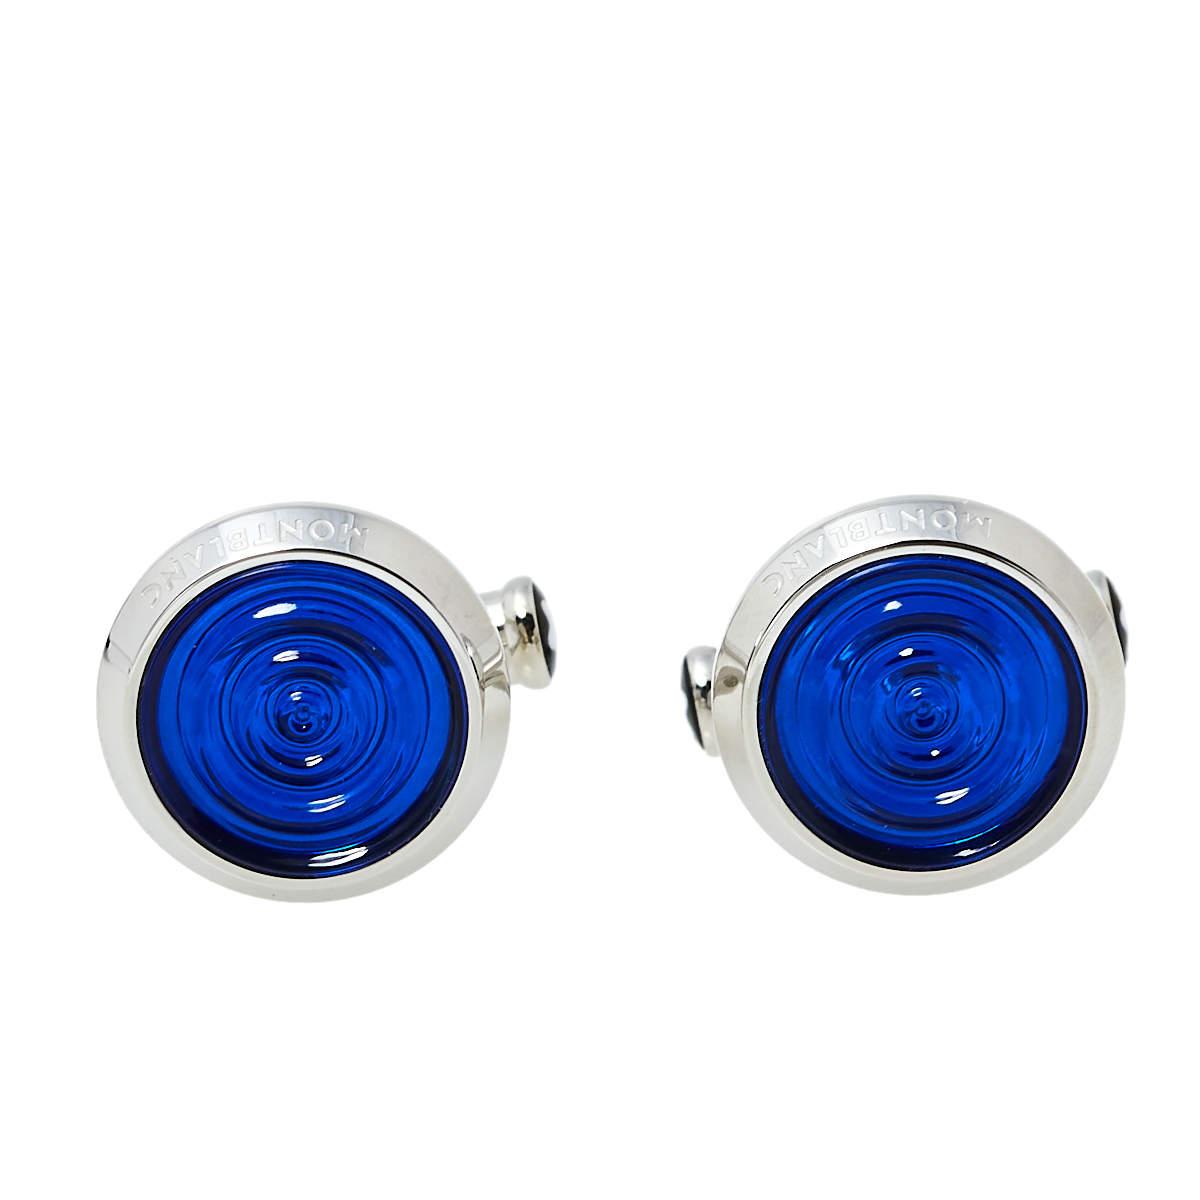 Montblanc Urban Spirit Stainless Steel Blue Resin Round Cufflinks